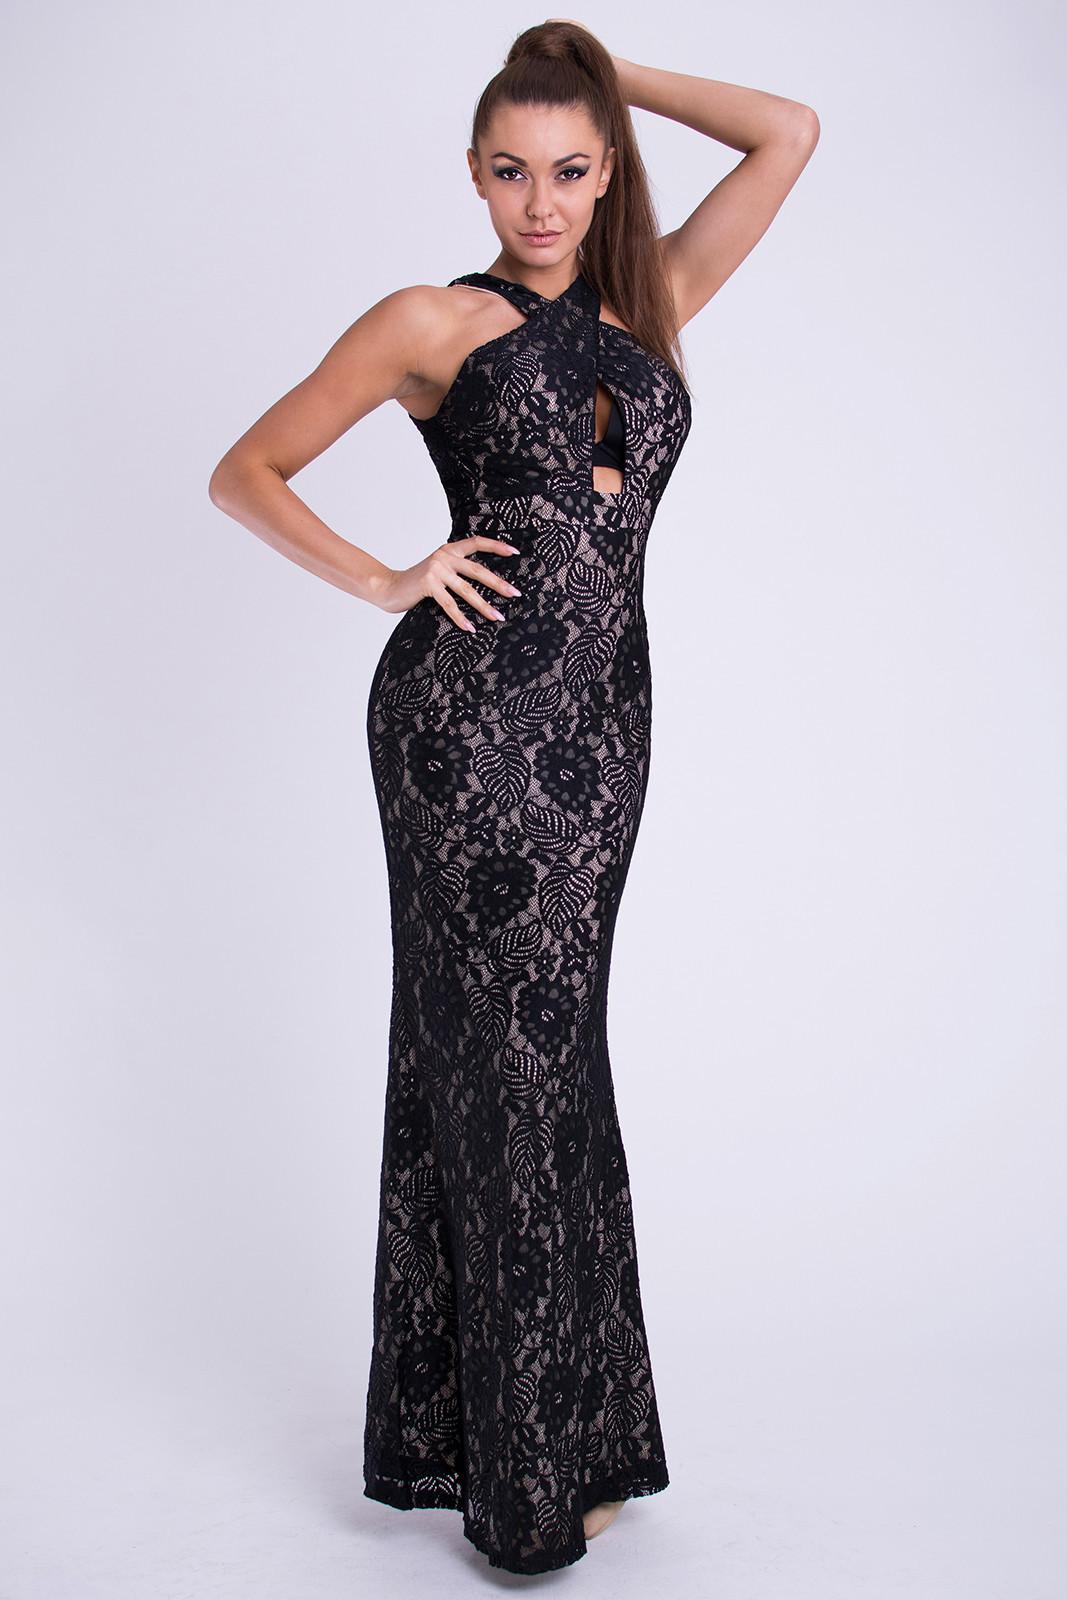 Dámske značkové dlhé plesové spoločenské šaty EVA & LOLA čierne - Čierna / L - EMAMODA čierna L